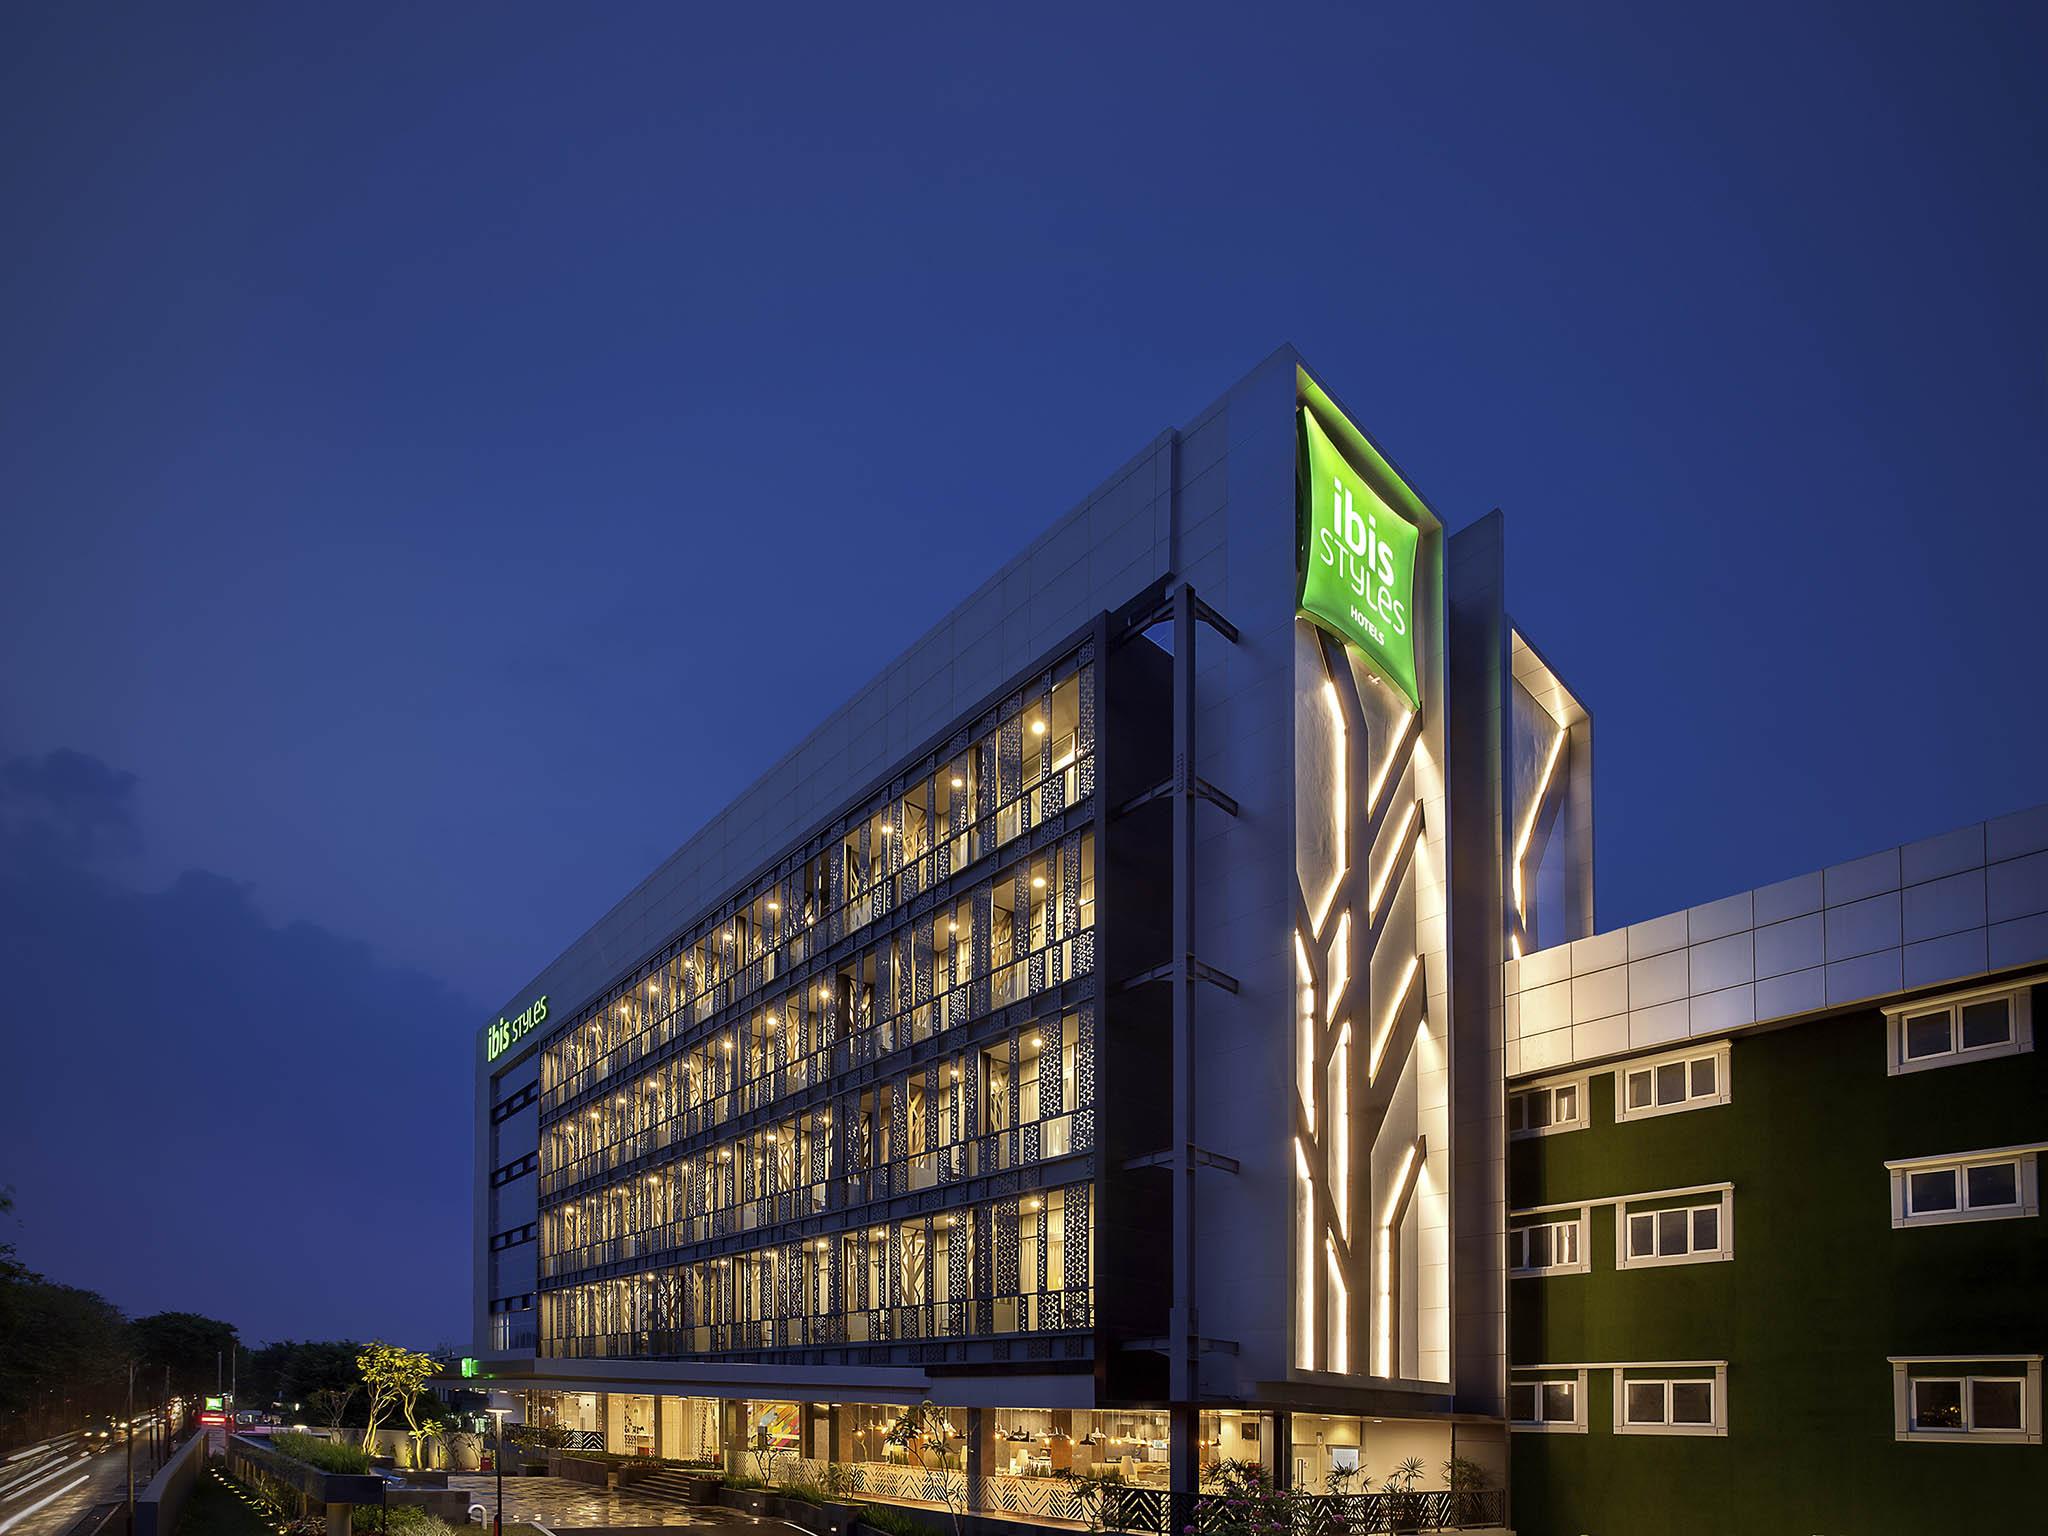 โรงแรม – ไอบิส สไตล์ จาการ์ตา ซุนเตอร์